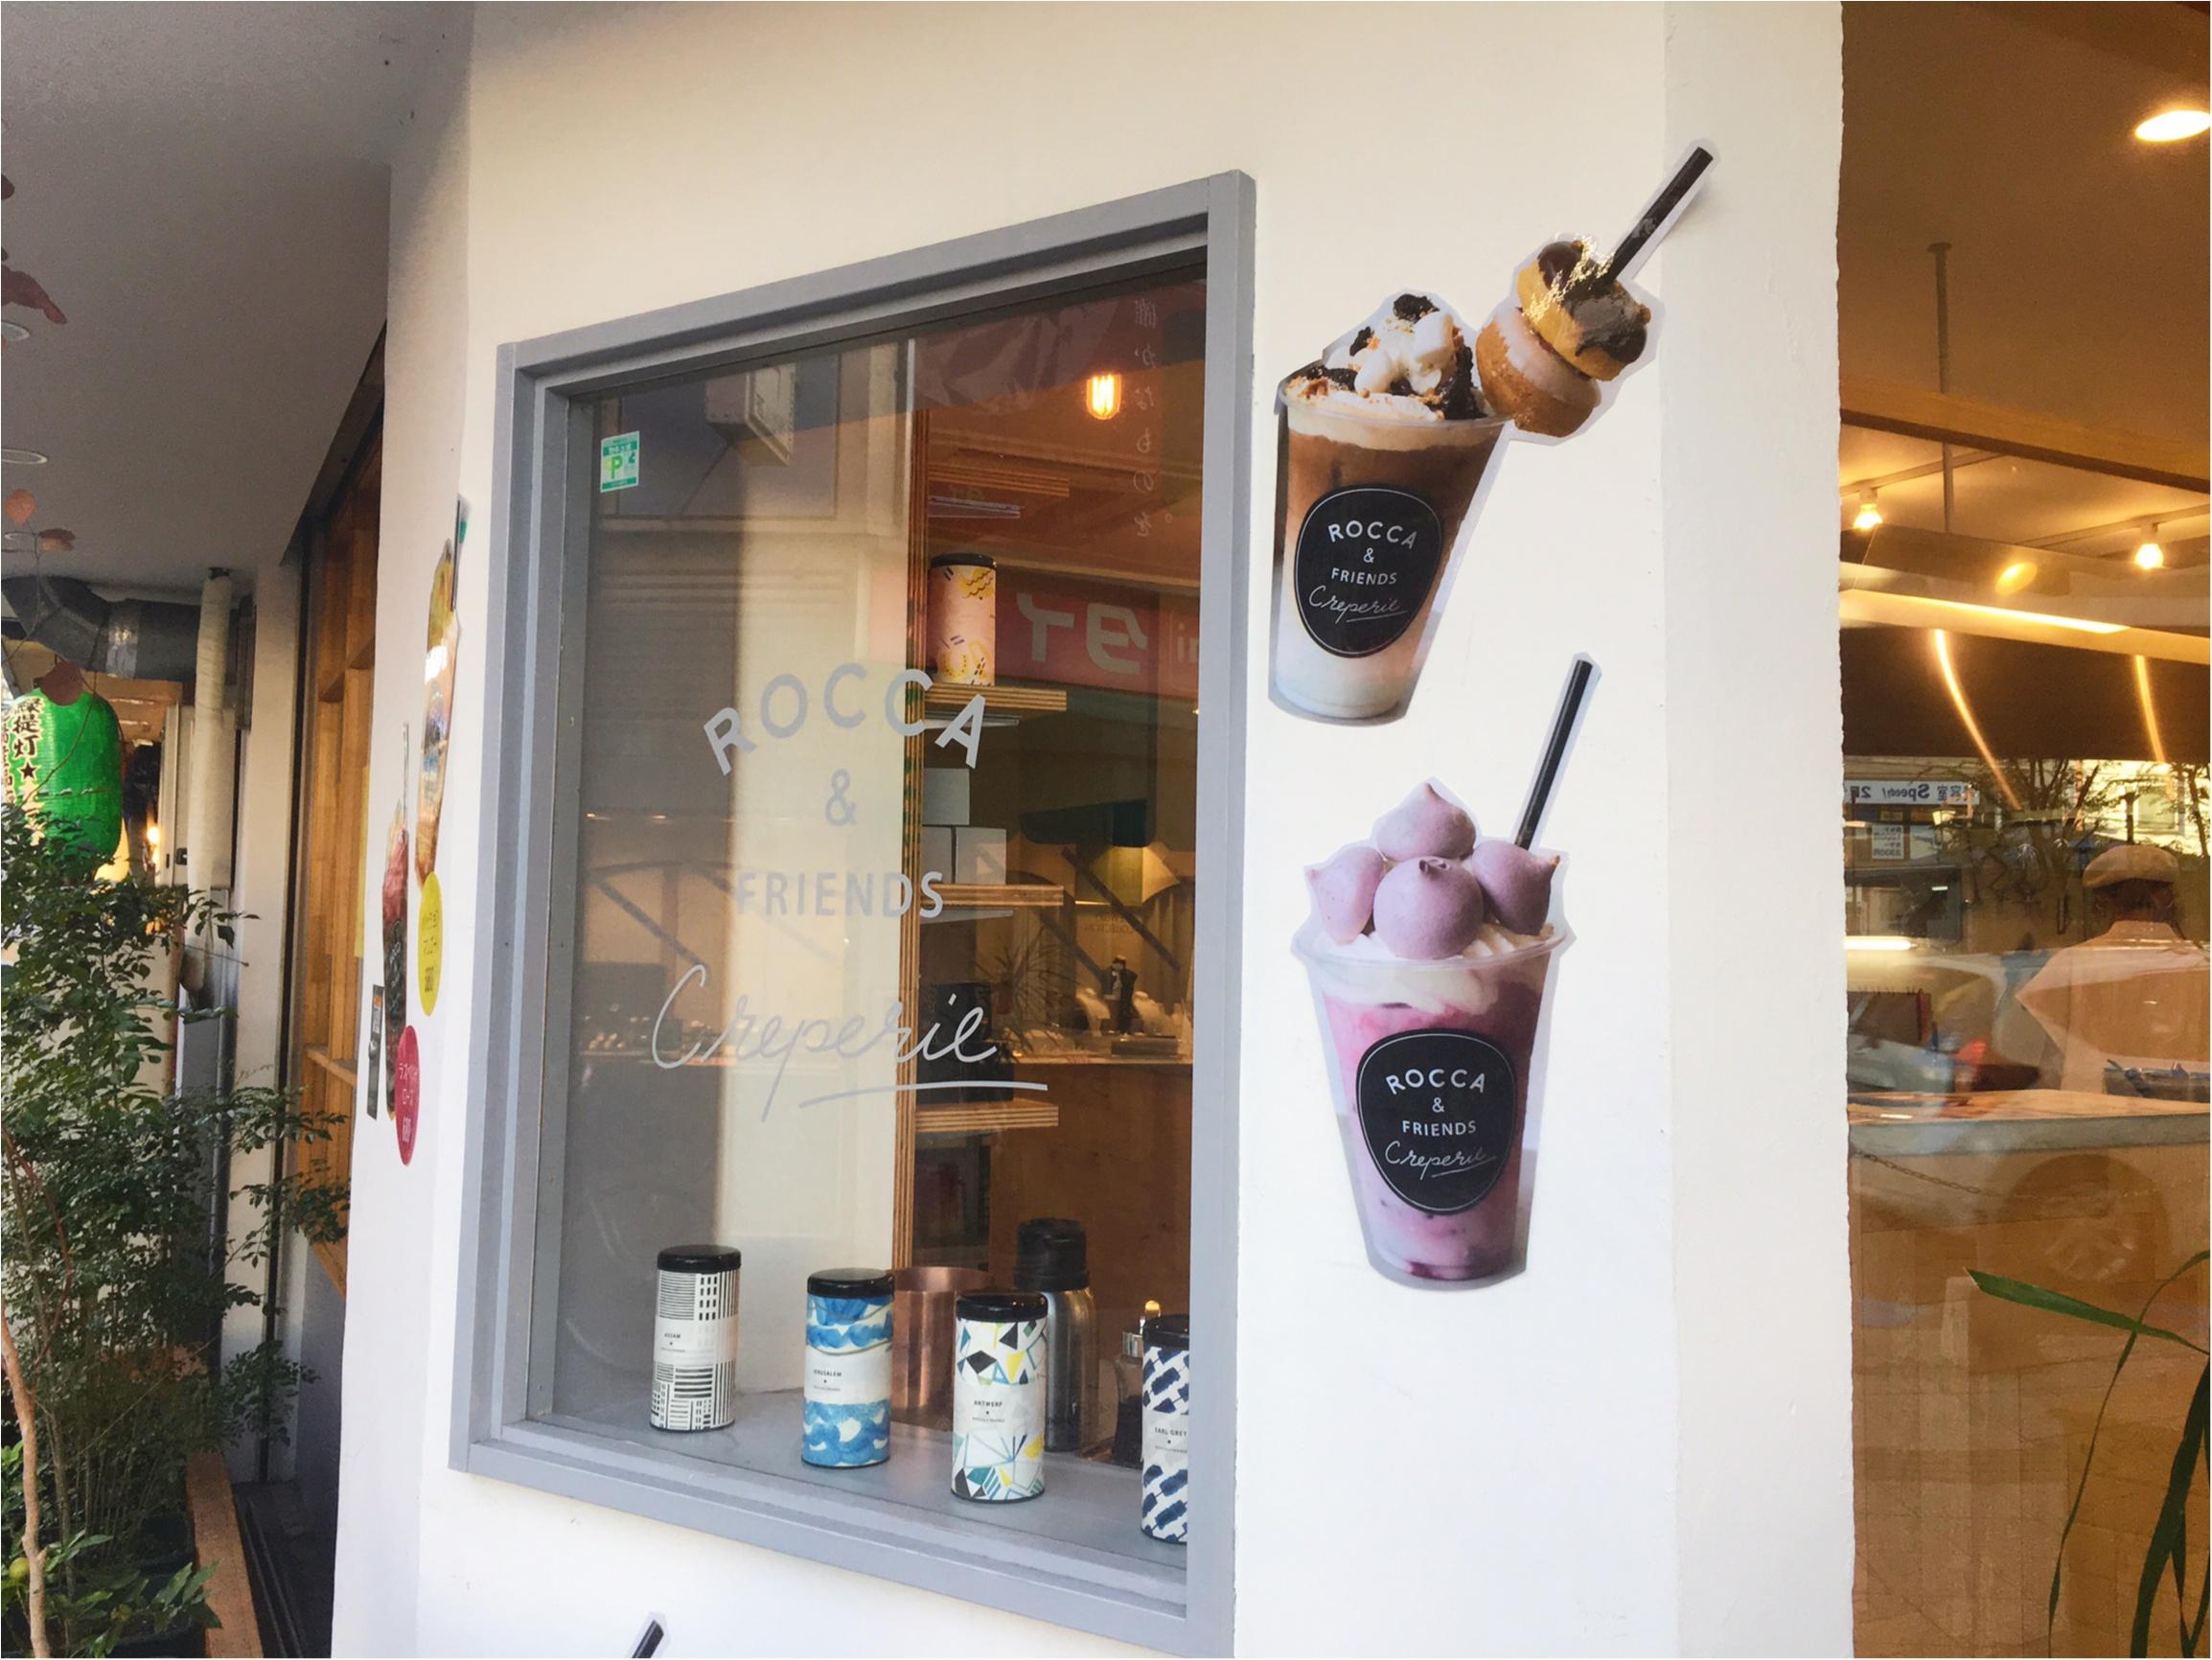 パリッ、トロ〜!クレームブリュレのクレープが絶品なカフェ♡♡_4